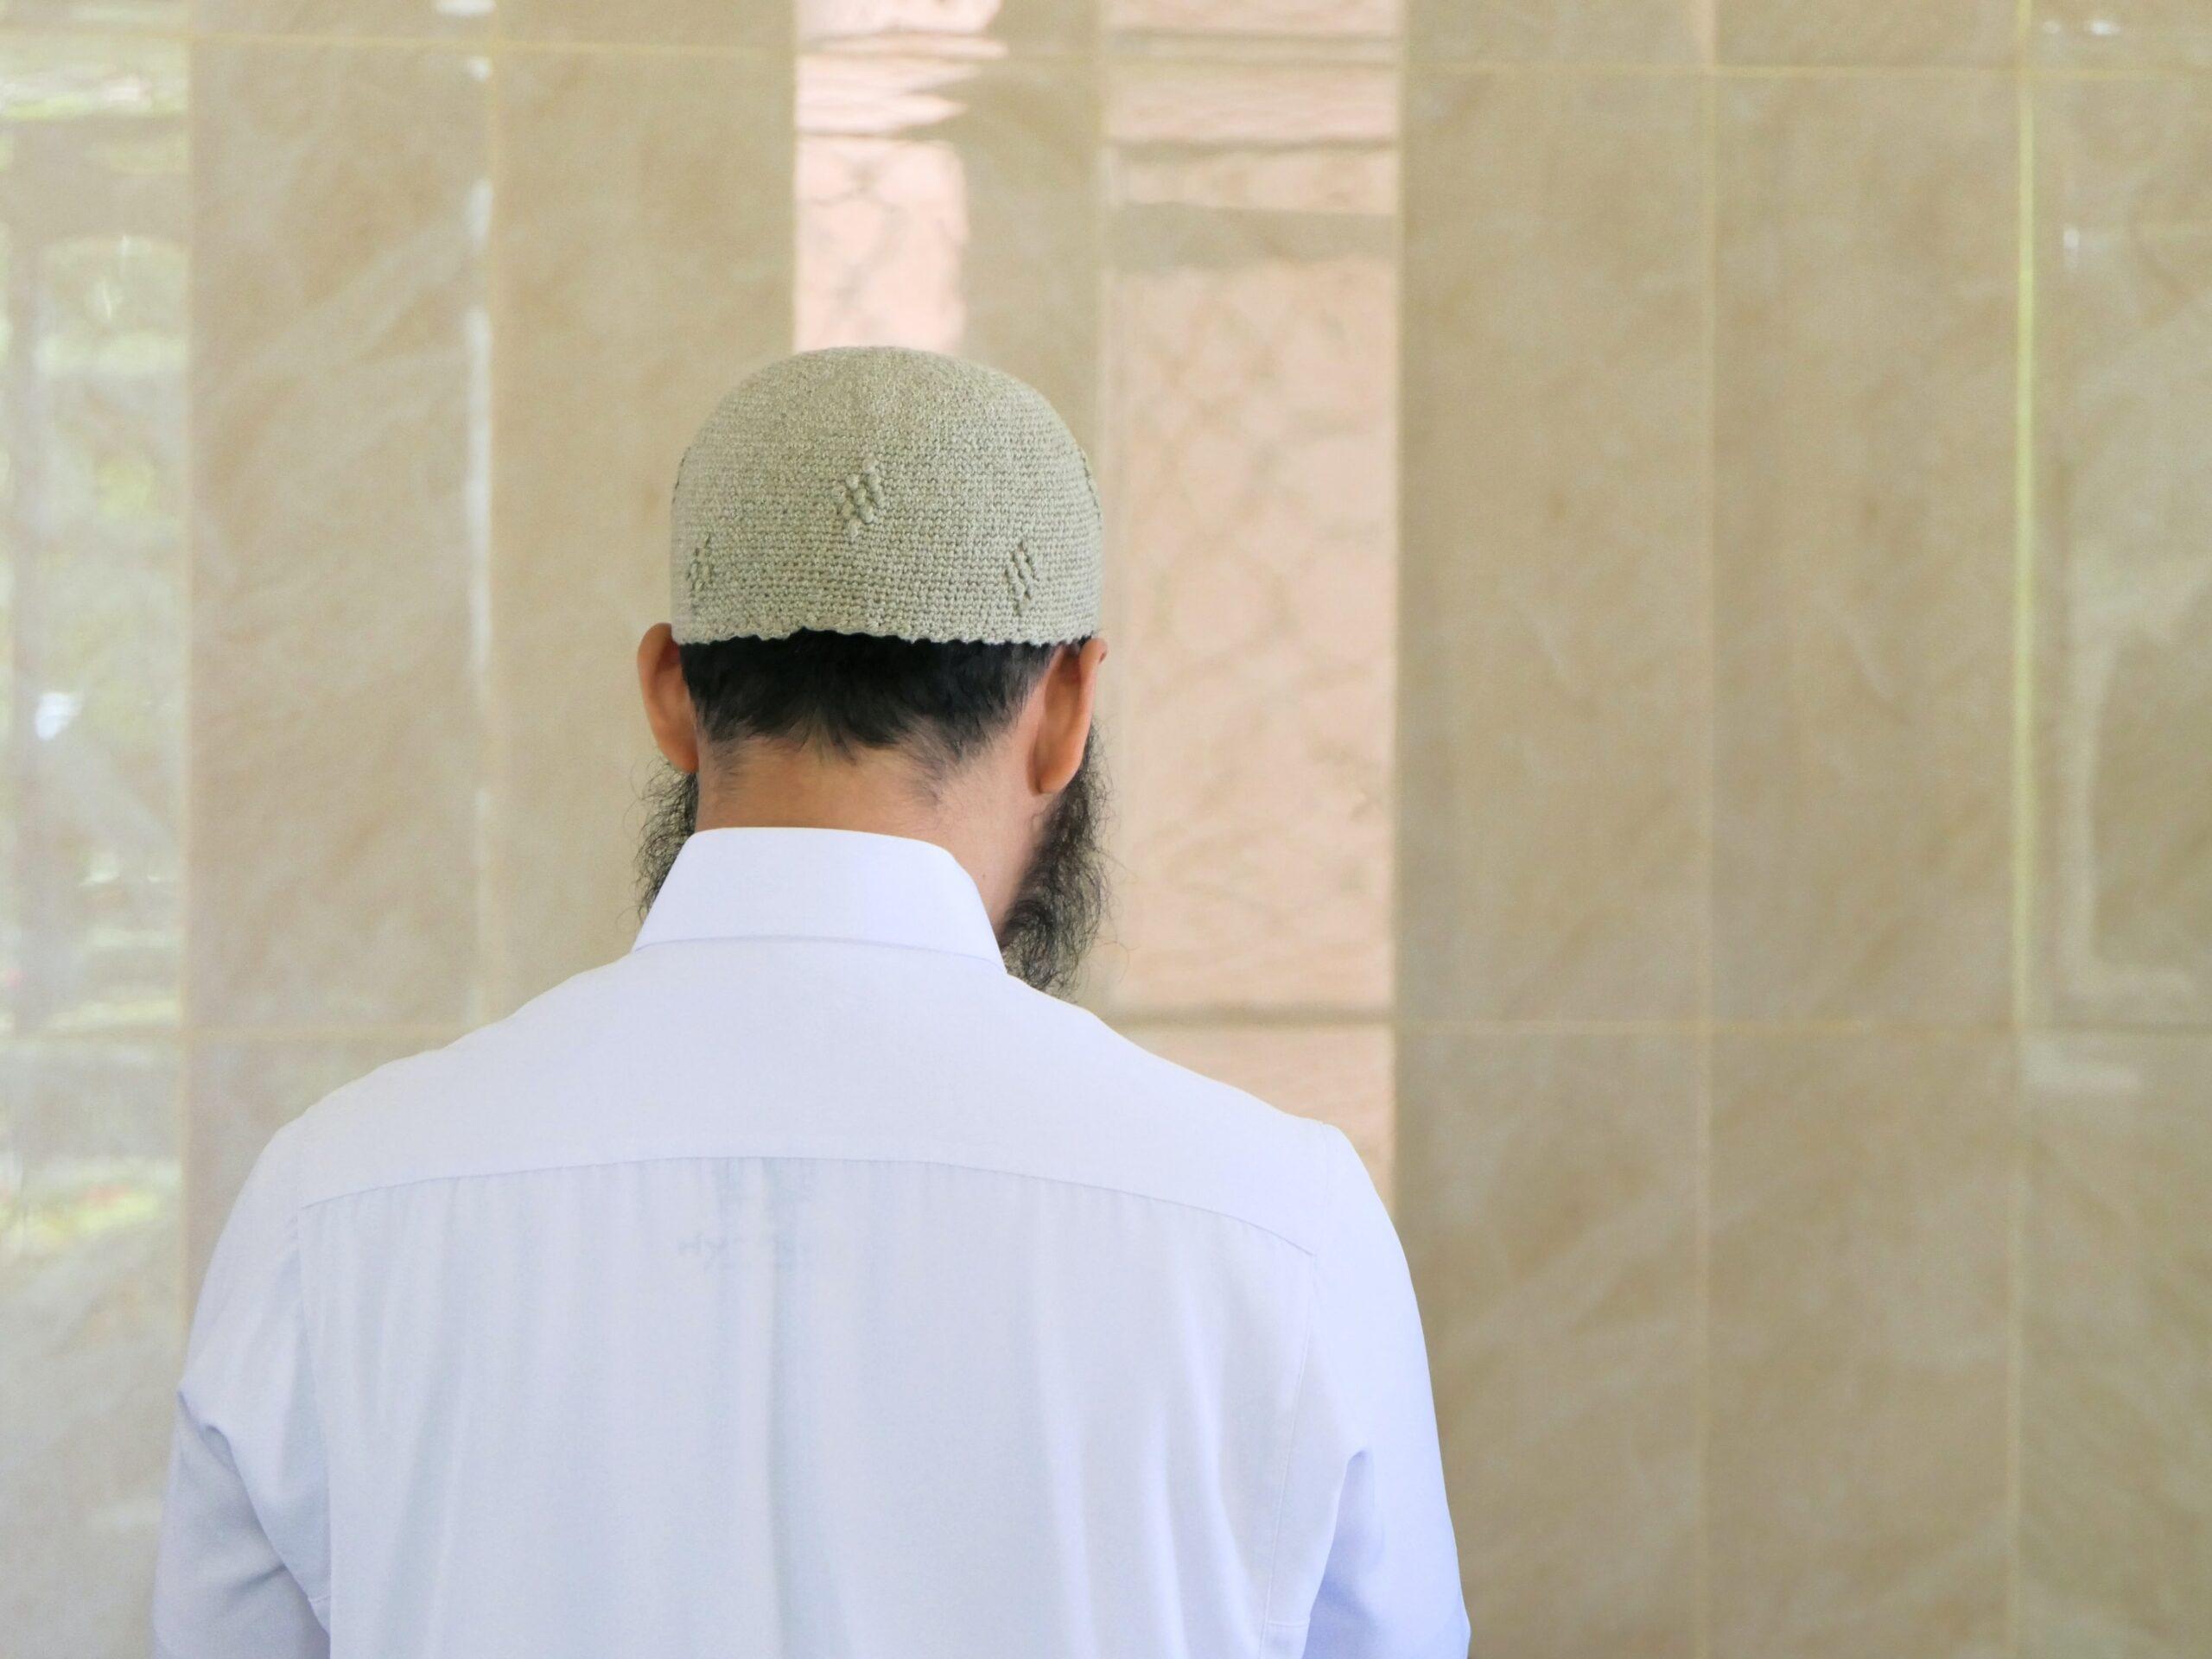 'Gij zult geen vergelijkingen maken tussen de jaren dertig toen en moslims nu'